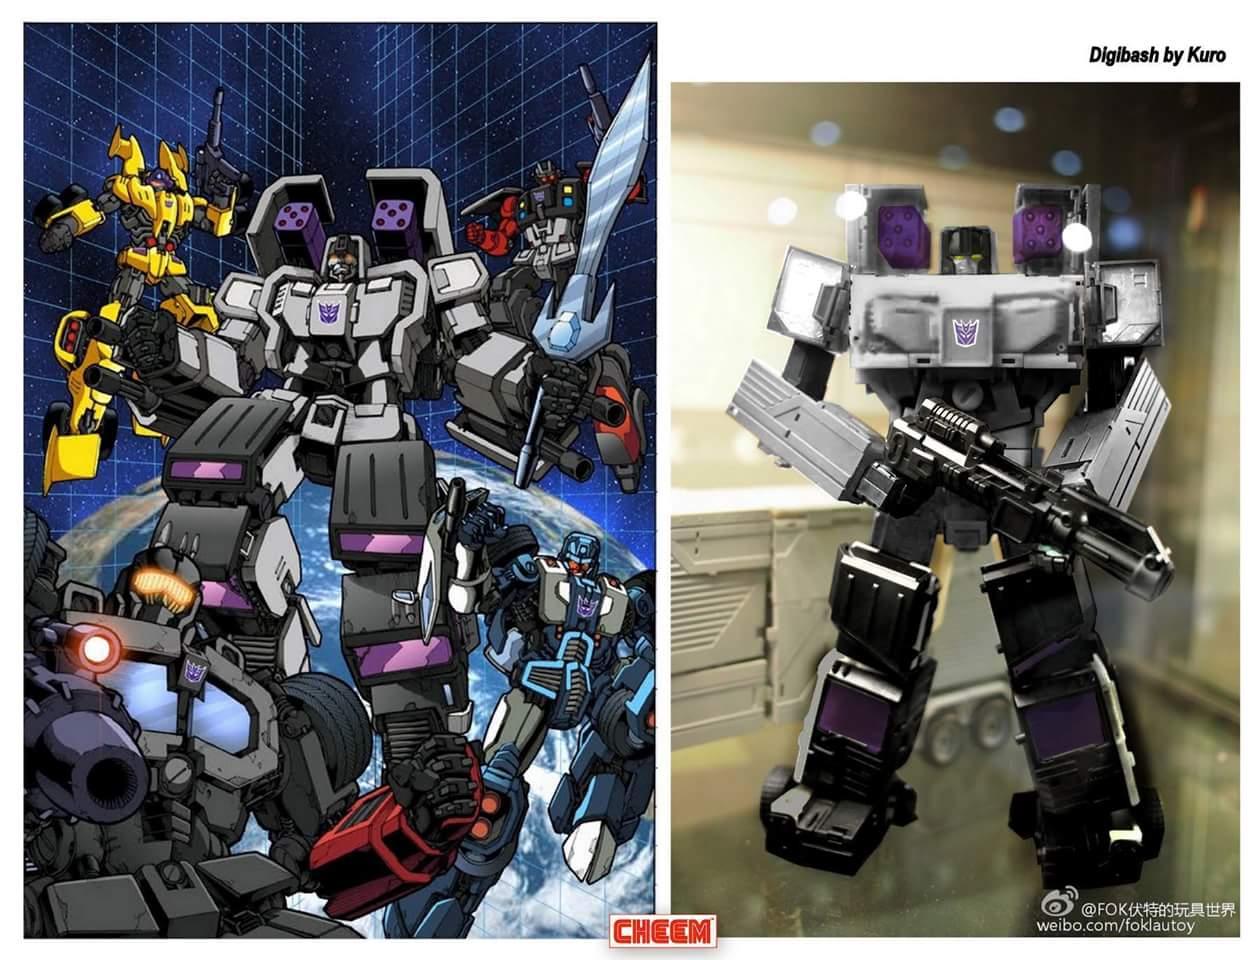 [Transform Mission] Produit Tiers - Jouet M-01 AutoSamurai - aka Menasor/Menaseur des BD IDW - Page 3 N549QpCm